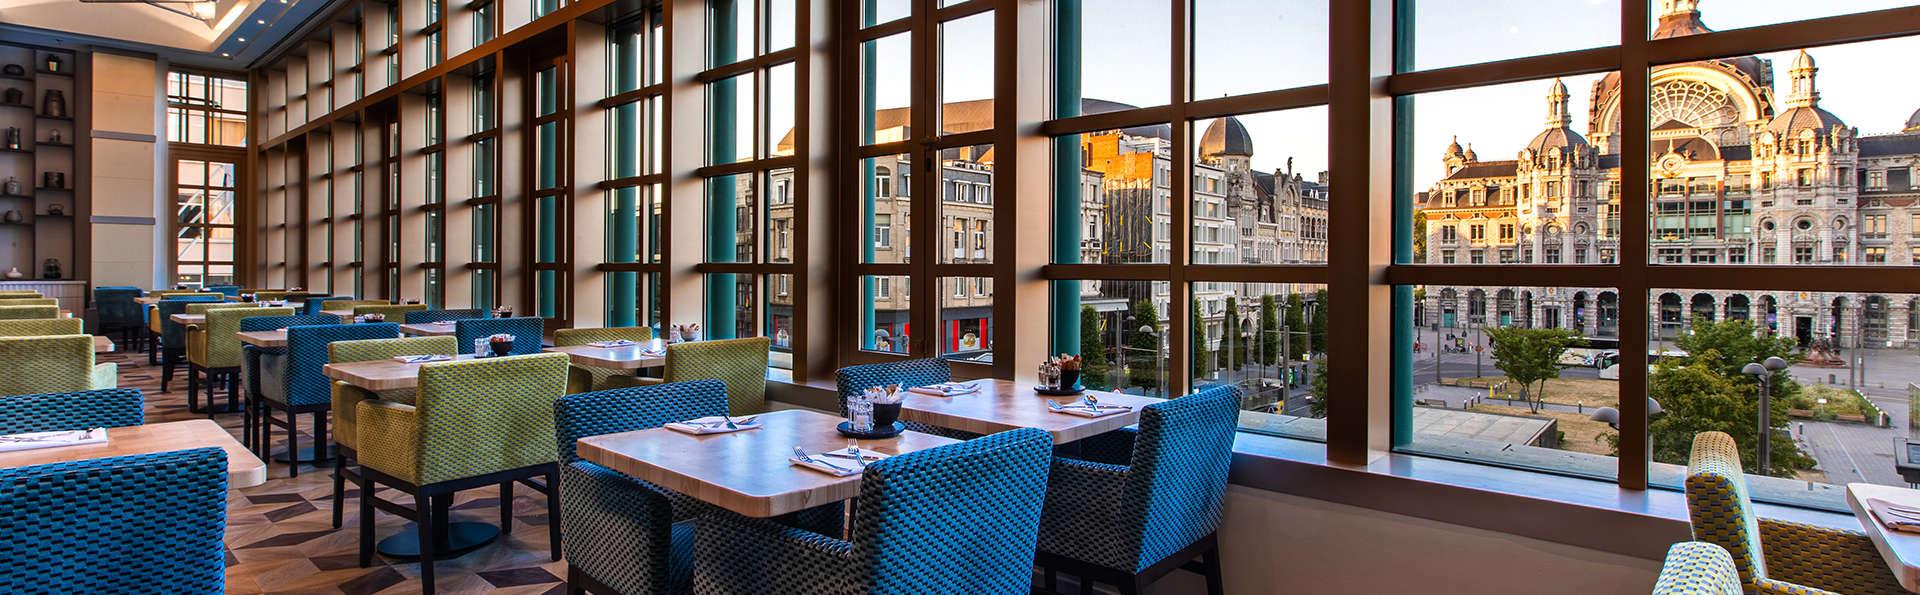 Réservez dès maintenant le week-end de vos rêves à Anvers